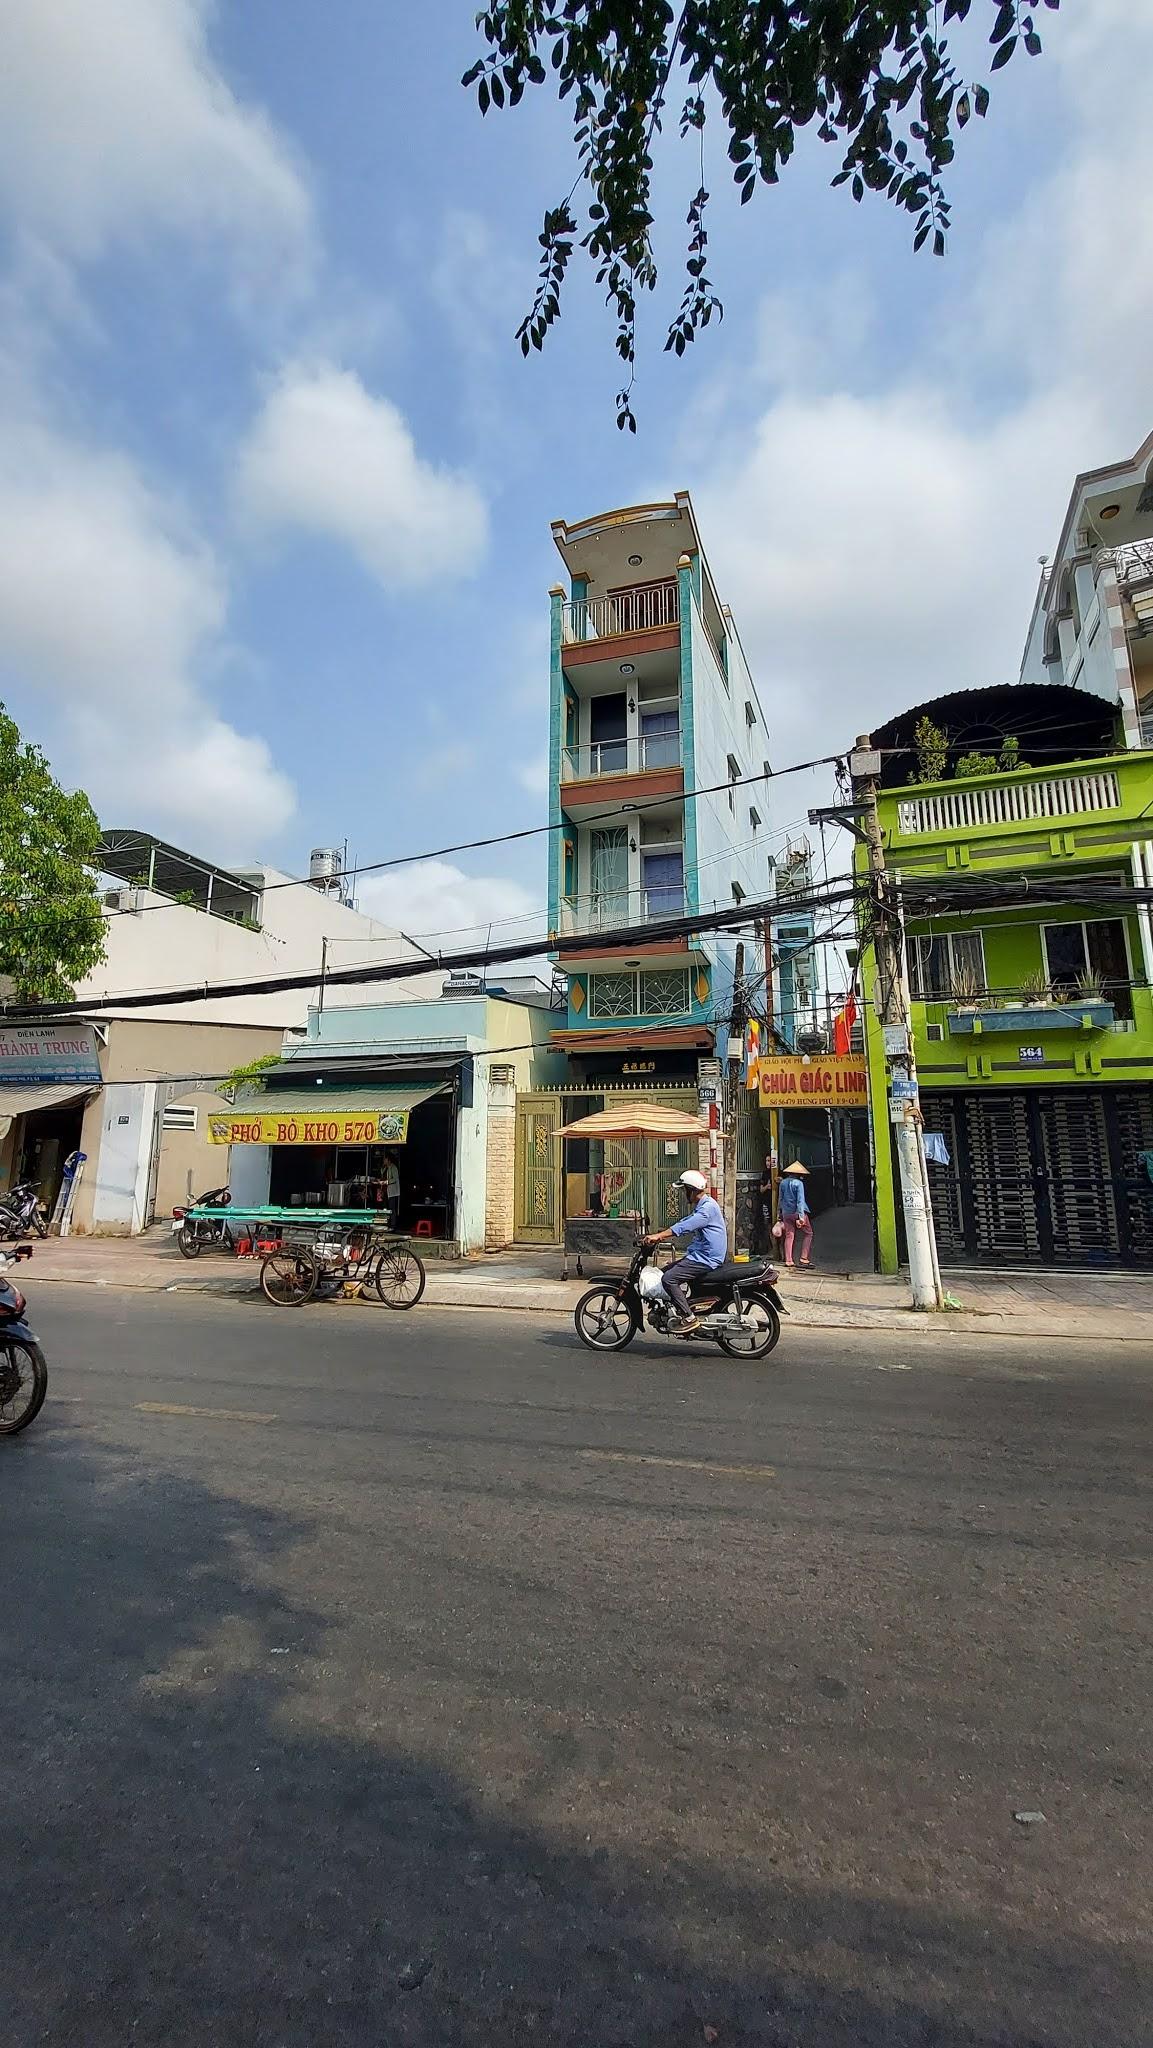 Bán nhà Mặt tiền Quận 8. Nhà lững 3 lầu đường Hưng Phú P9 Q8, gần cầu Nguyễn Tri Phương